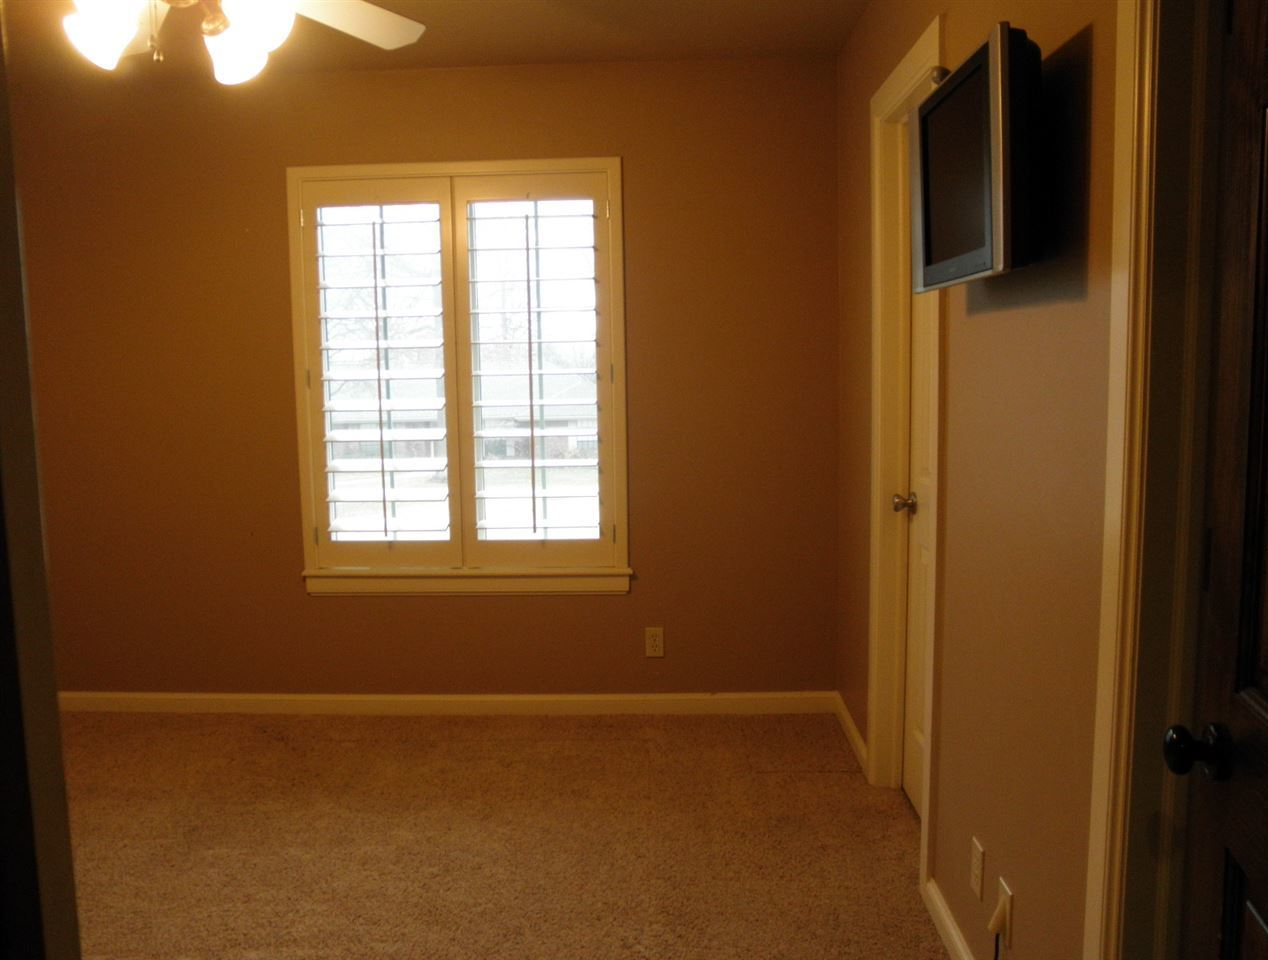 Sold Cross Sale W/ MLS | 2705 Mockingbird  Ponca City, OK 74604 18